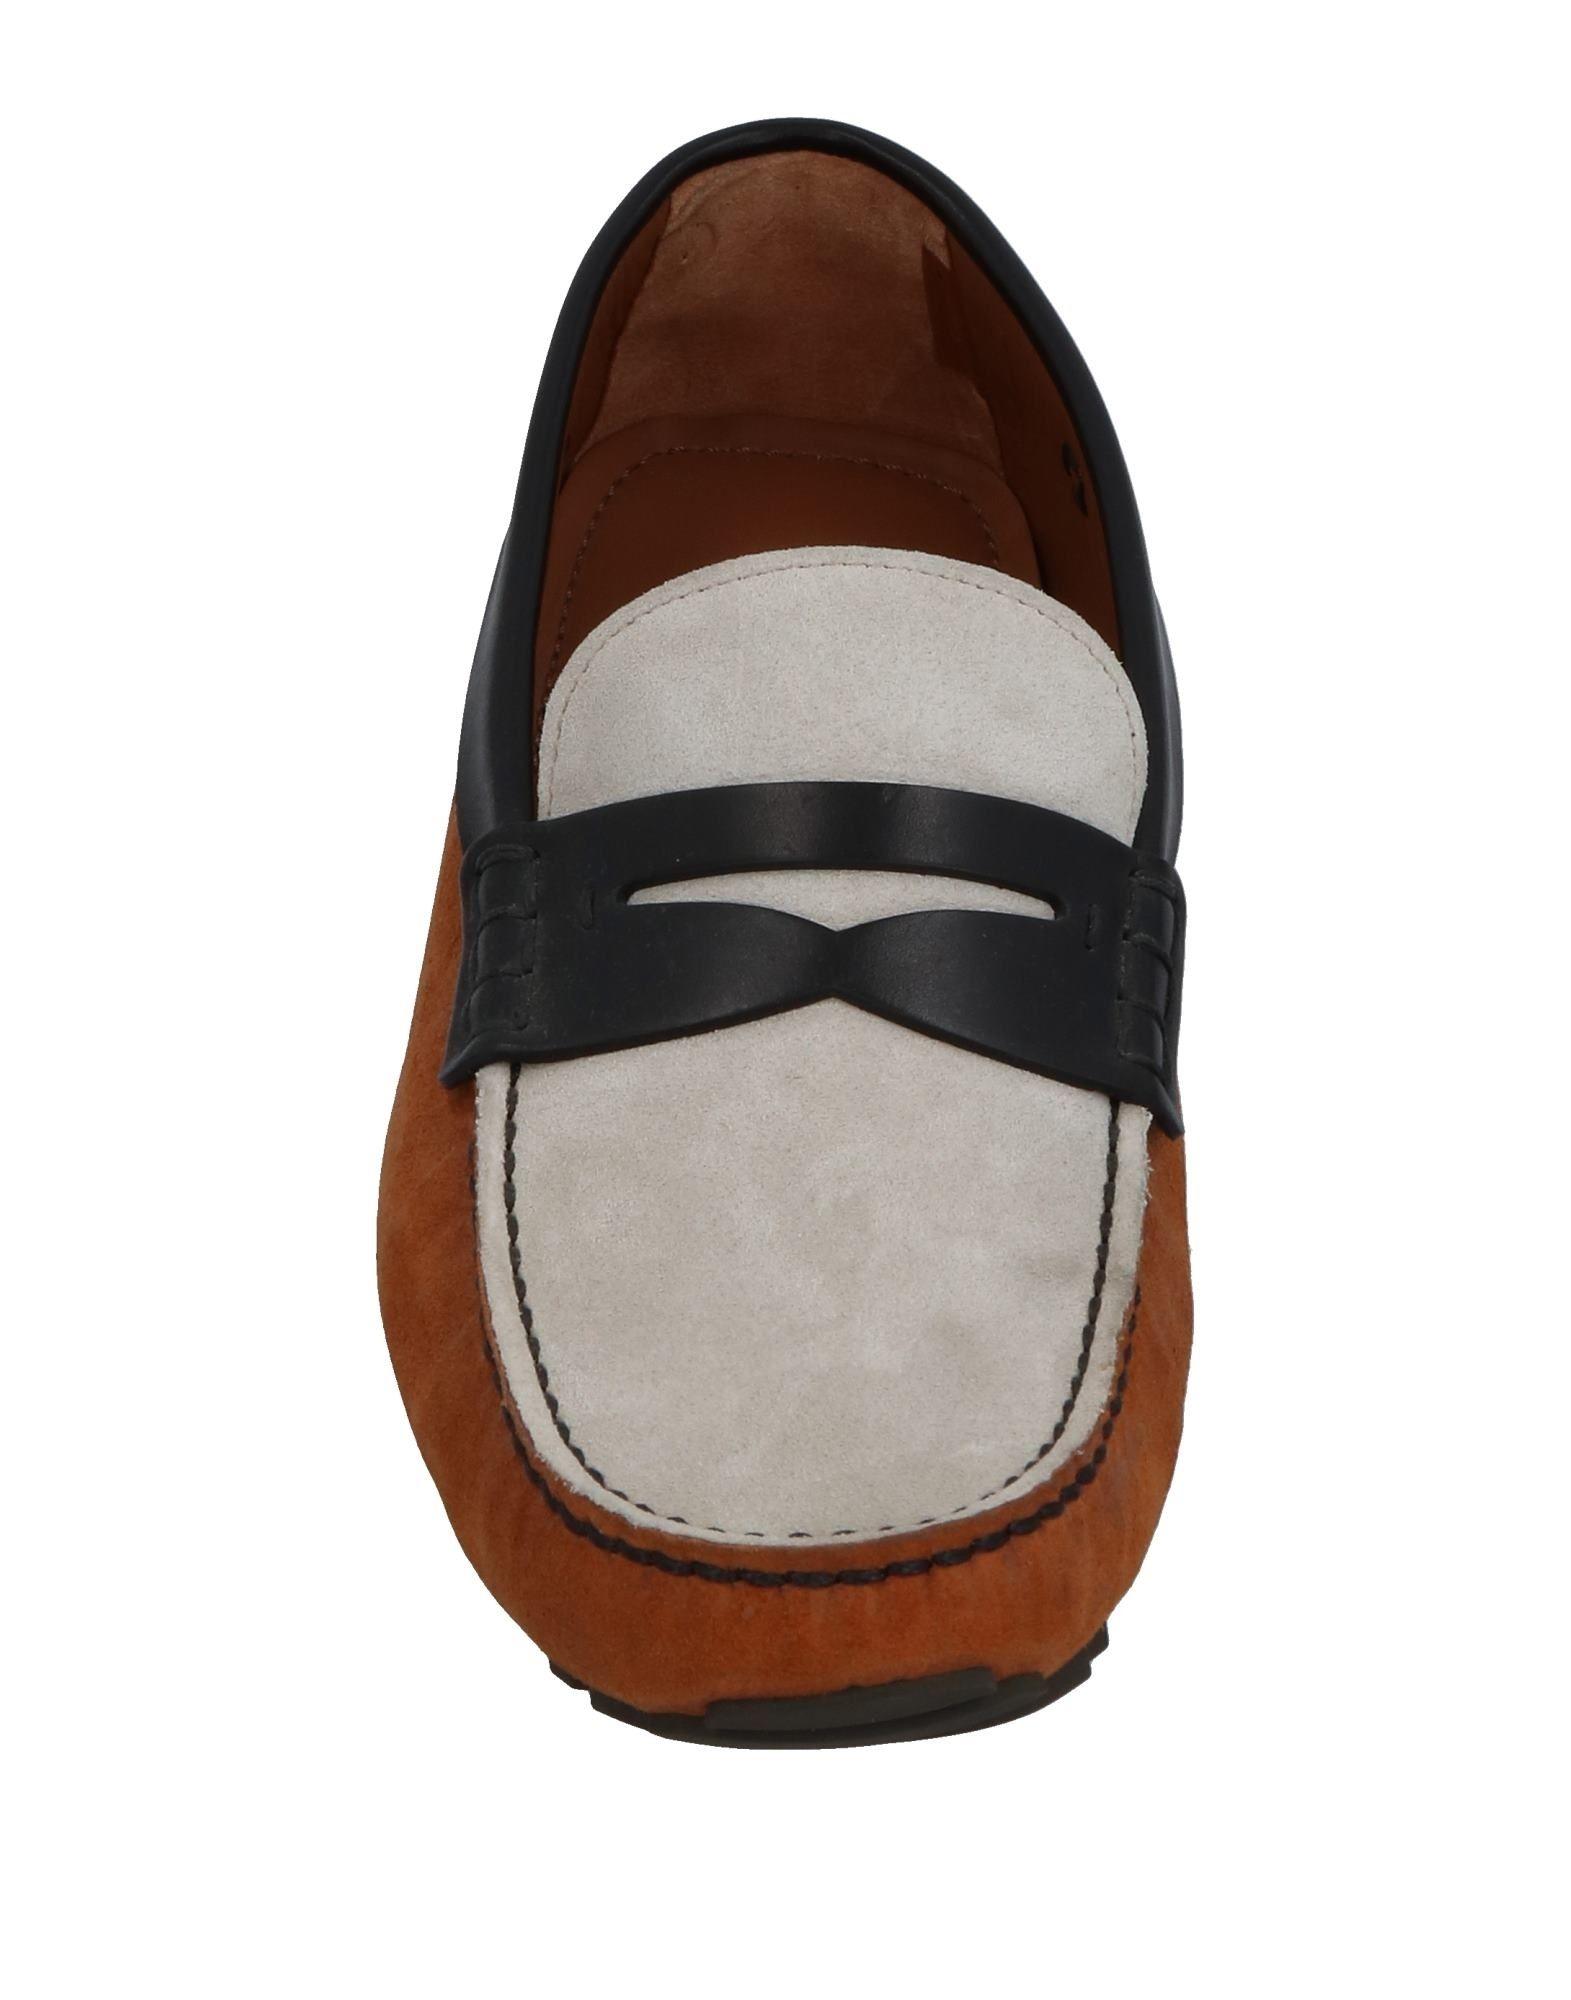 Sergio Rossi Mokassins Herren  11396268WR Gute Qualität beliebte Schuhe Schuhe beliebte 311d1c